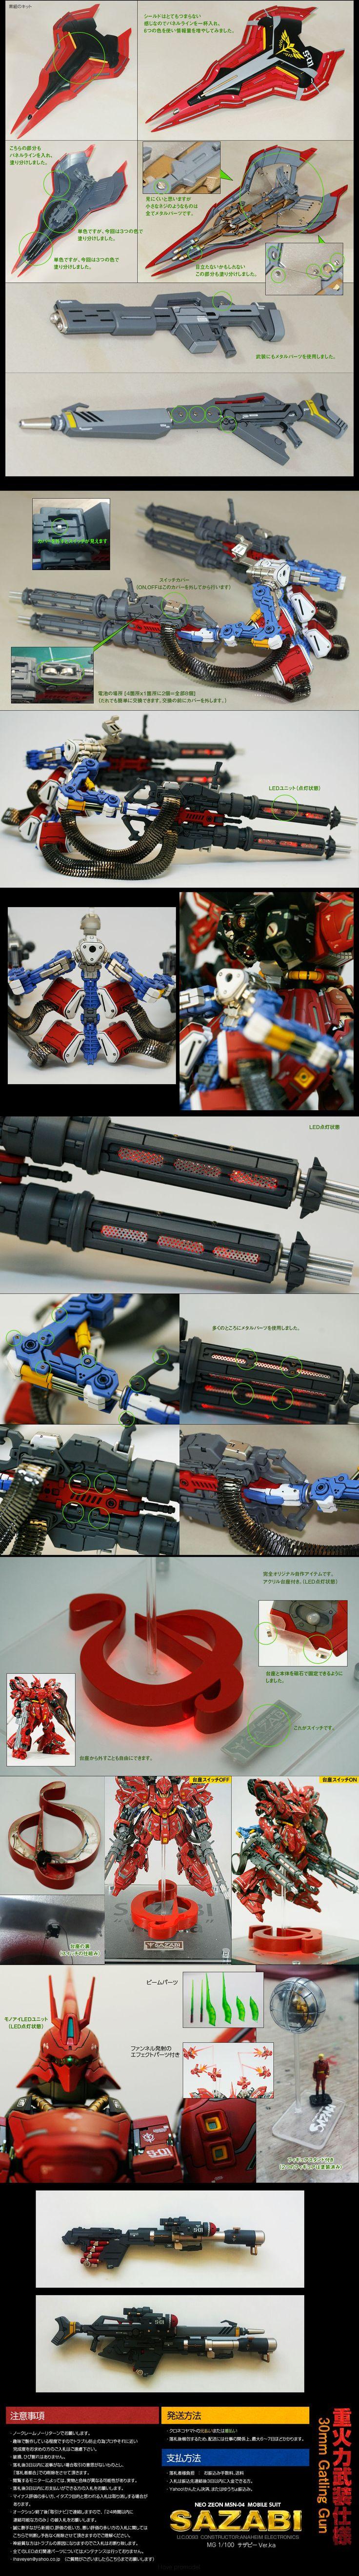 MG Sazabi Ver.Ka 30mm Gatling Gun FULL LEDs, Amazing Improved Work, Best Sazabi Ever! Full Photoreview [WIP too] Hi Res Images | GUNJAP